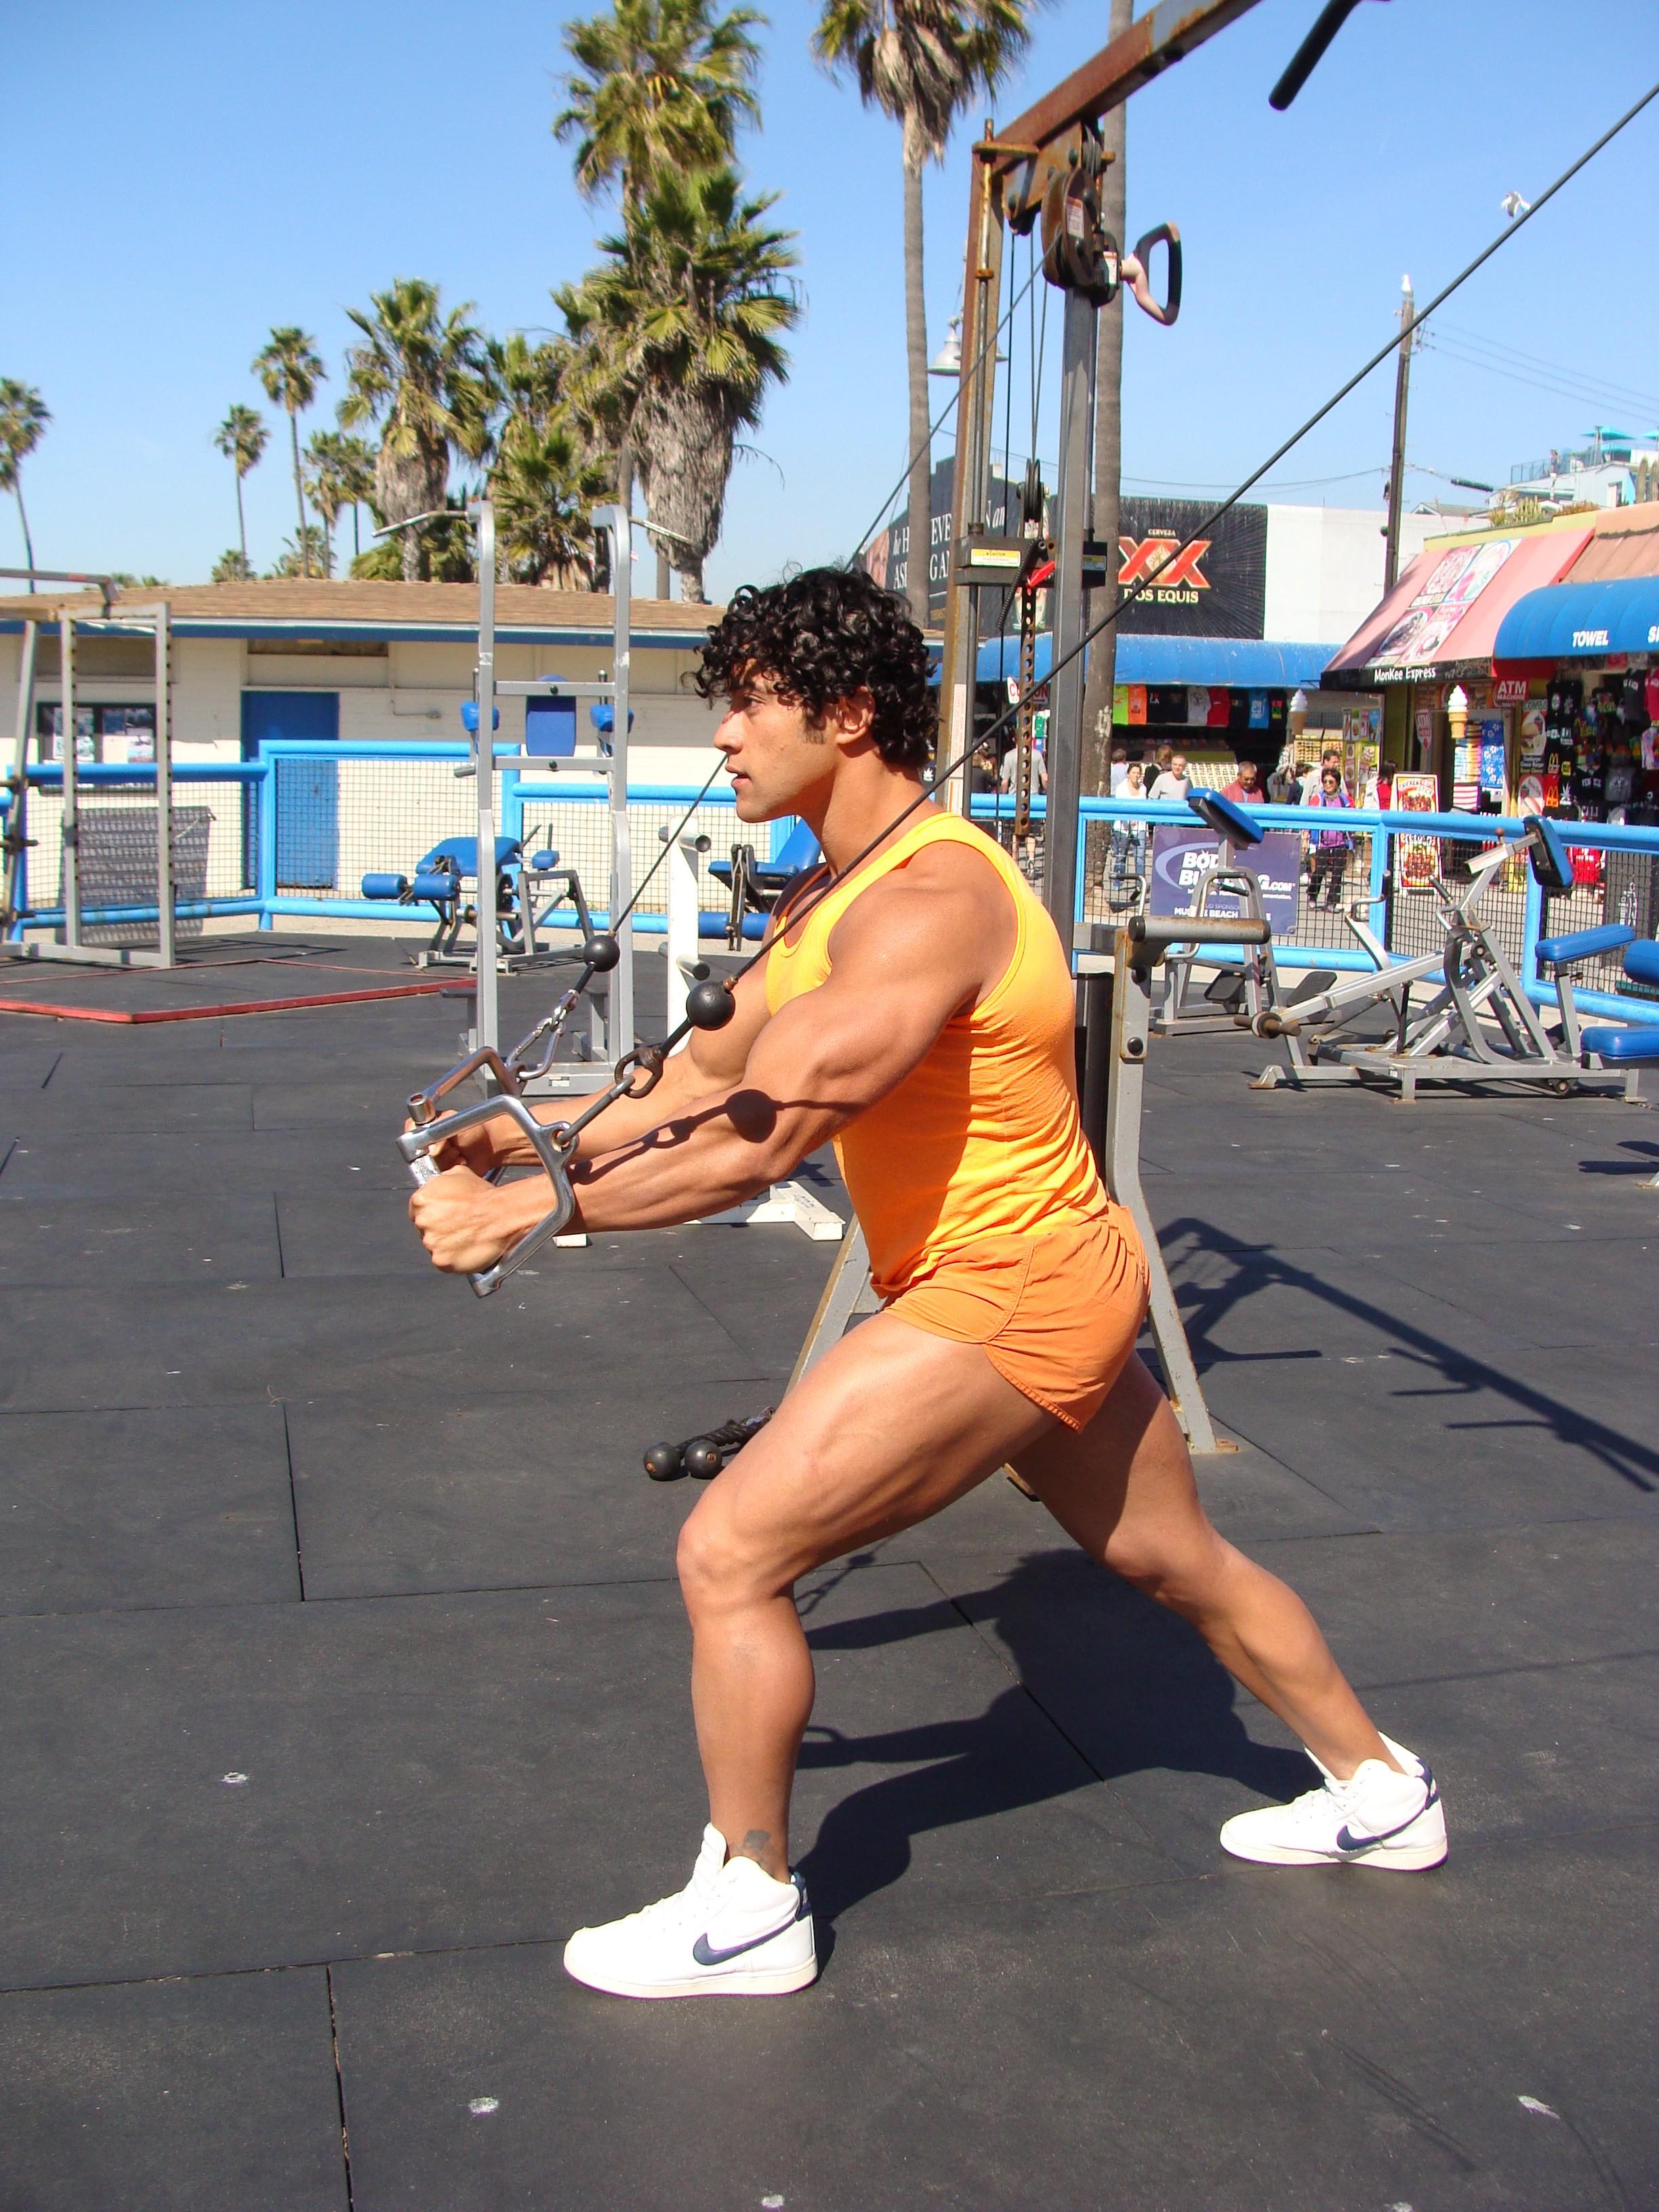 Конкурс бодибилдеров пляж мускулов в калифорнии фото